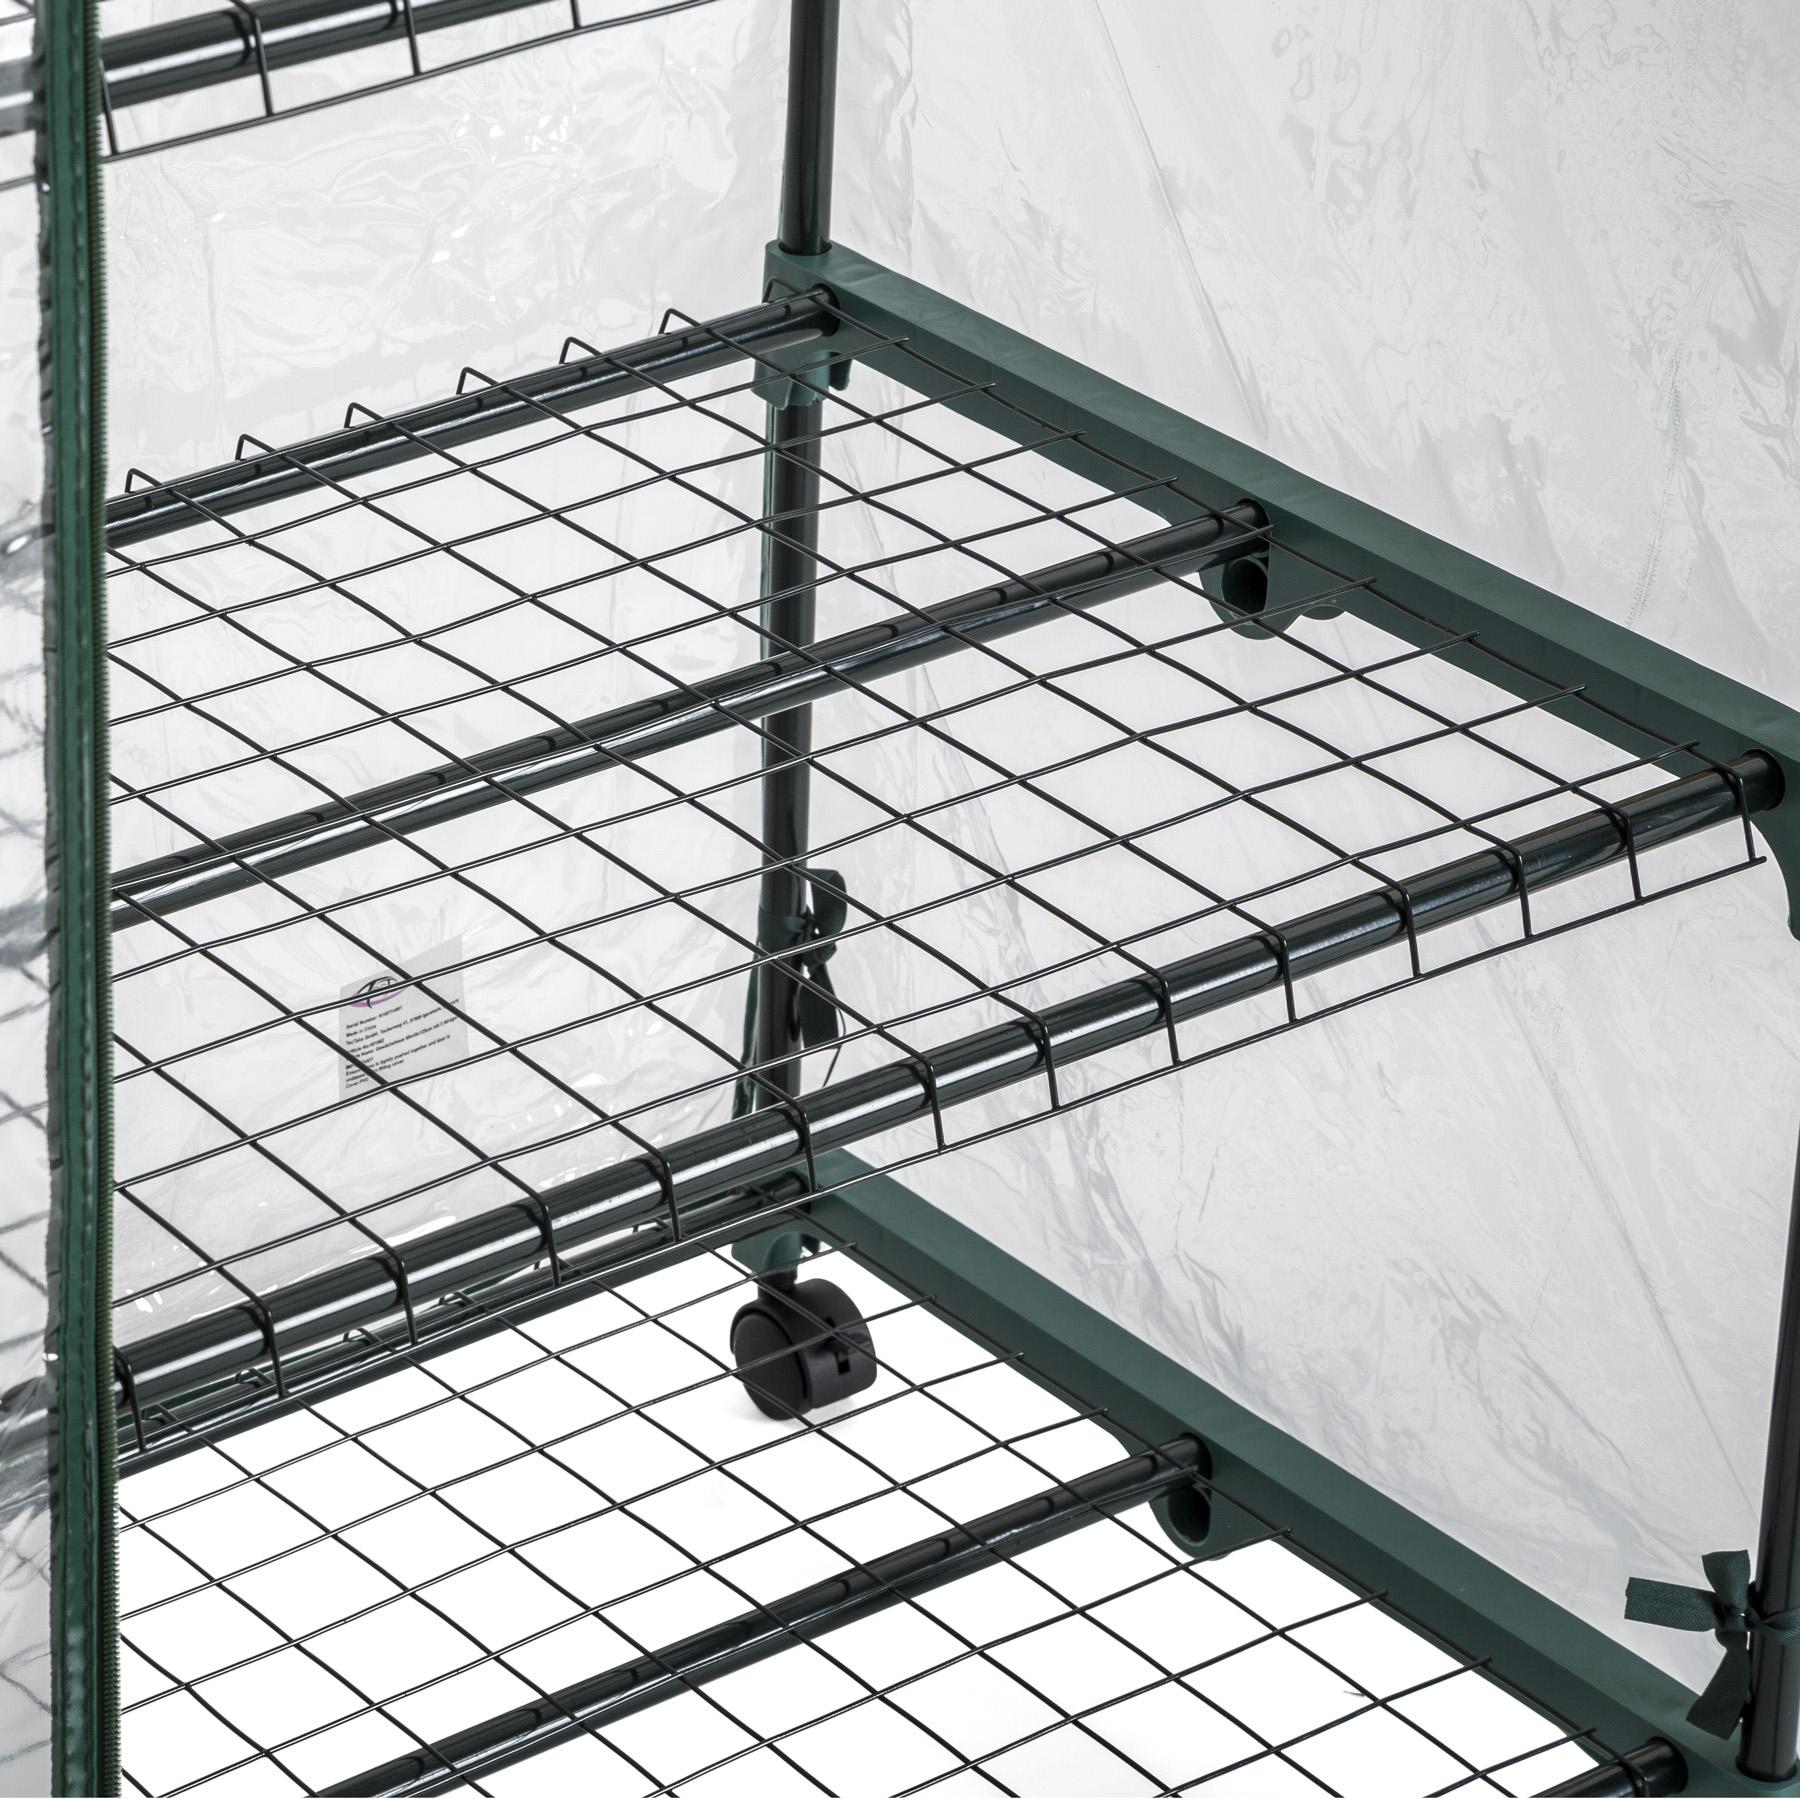 gew chshaus folie treibhaus 3 etagen mit rollen balkon tomaten fr hbeet 133cm ebay. Black Bedroom Furniture Sets. Home Design Ideas